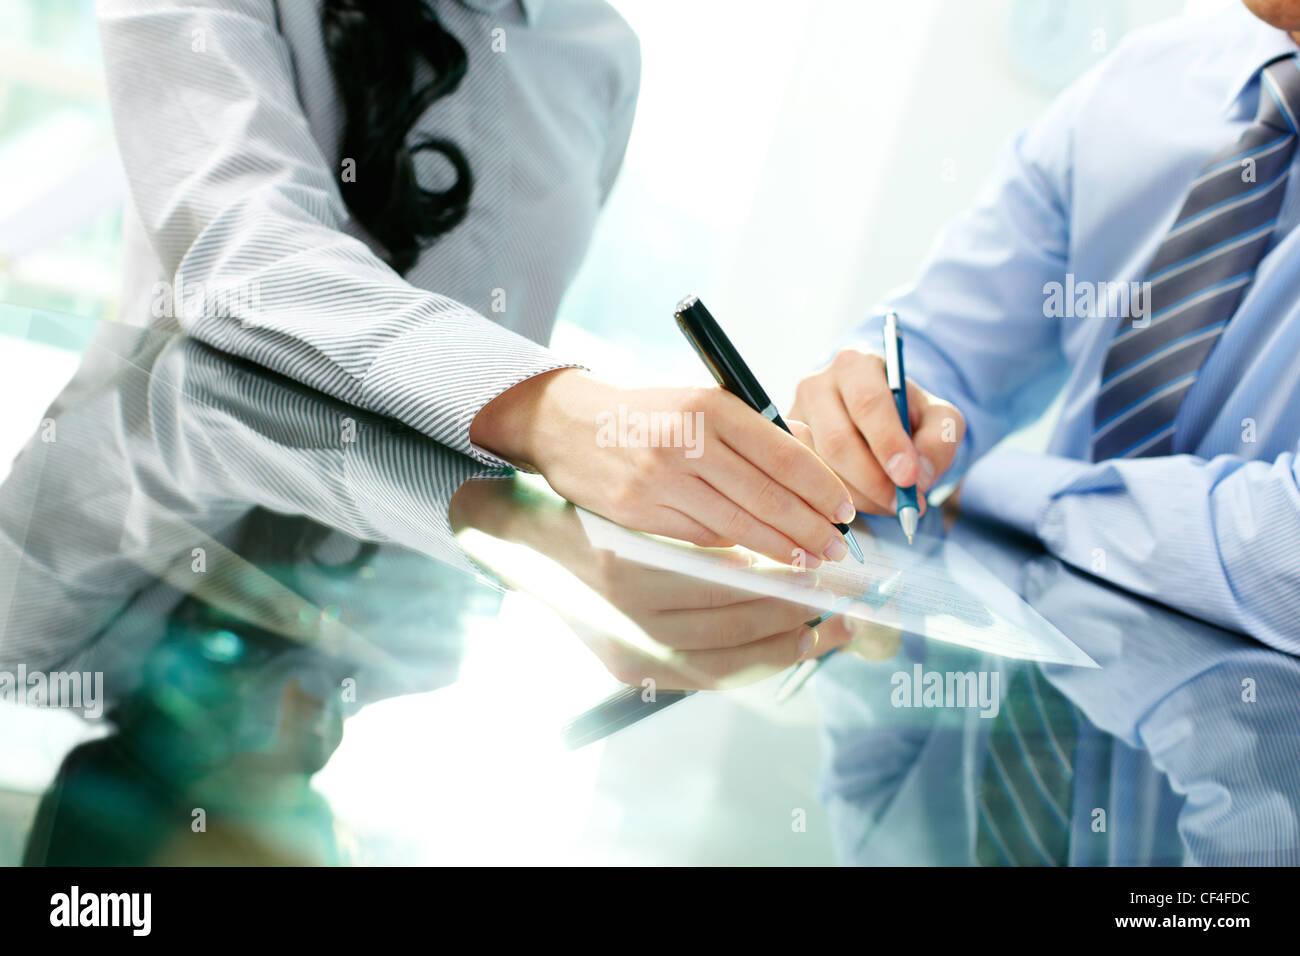 Inclinare verso l'alto dei due partner commerciali la firma di un contratto e la chiusura della trattativa Immagini Stock